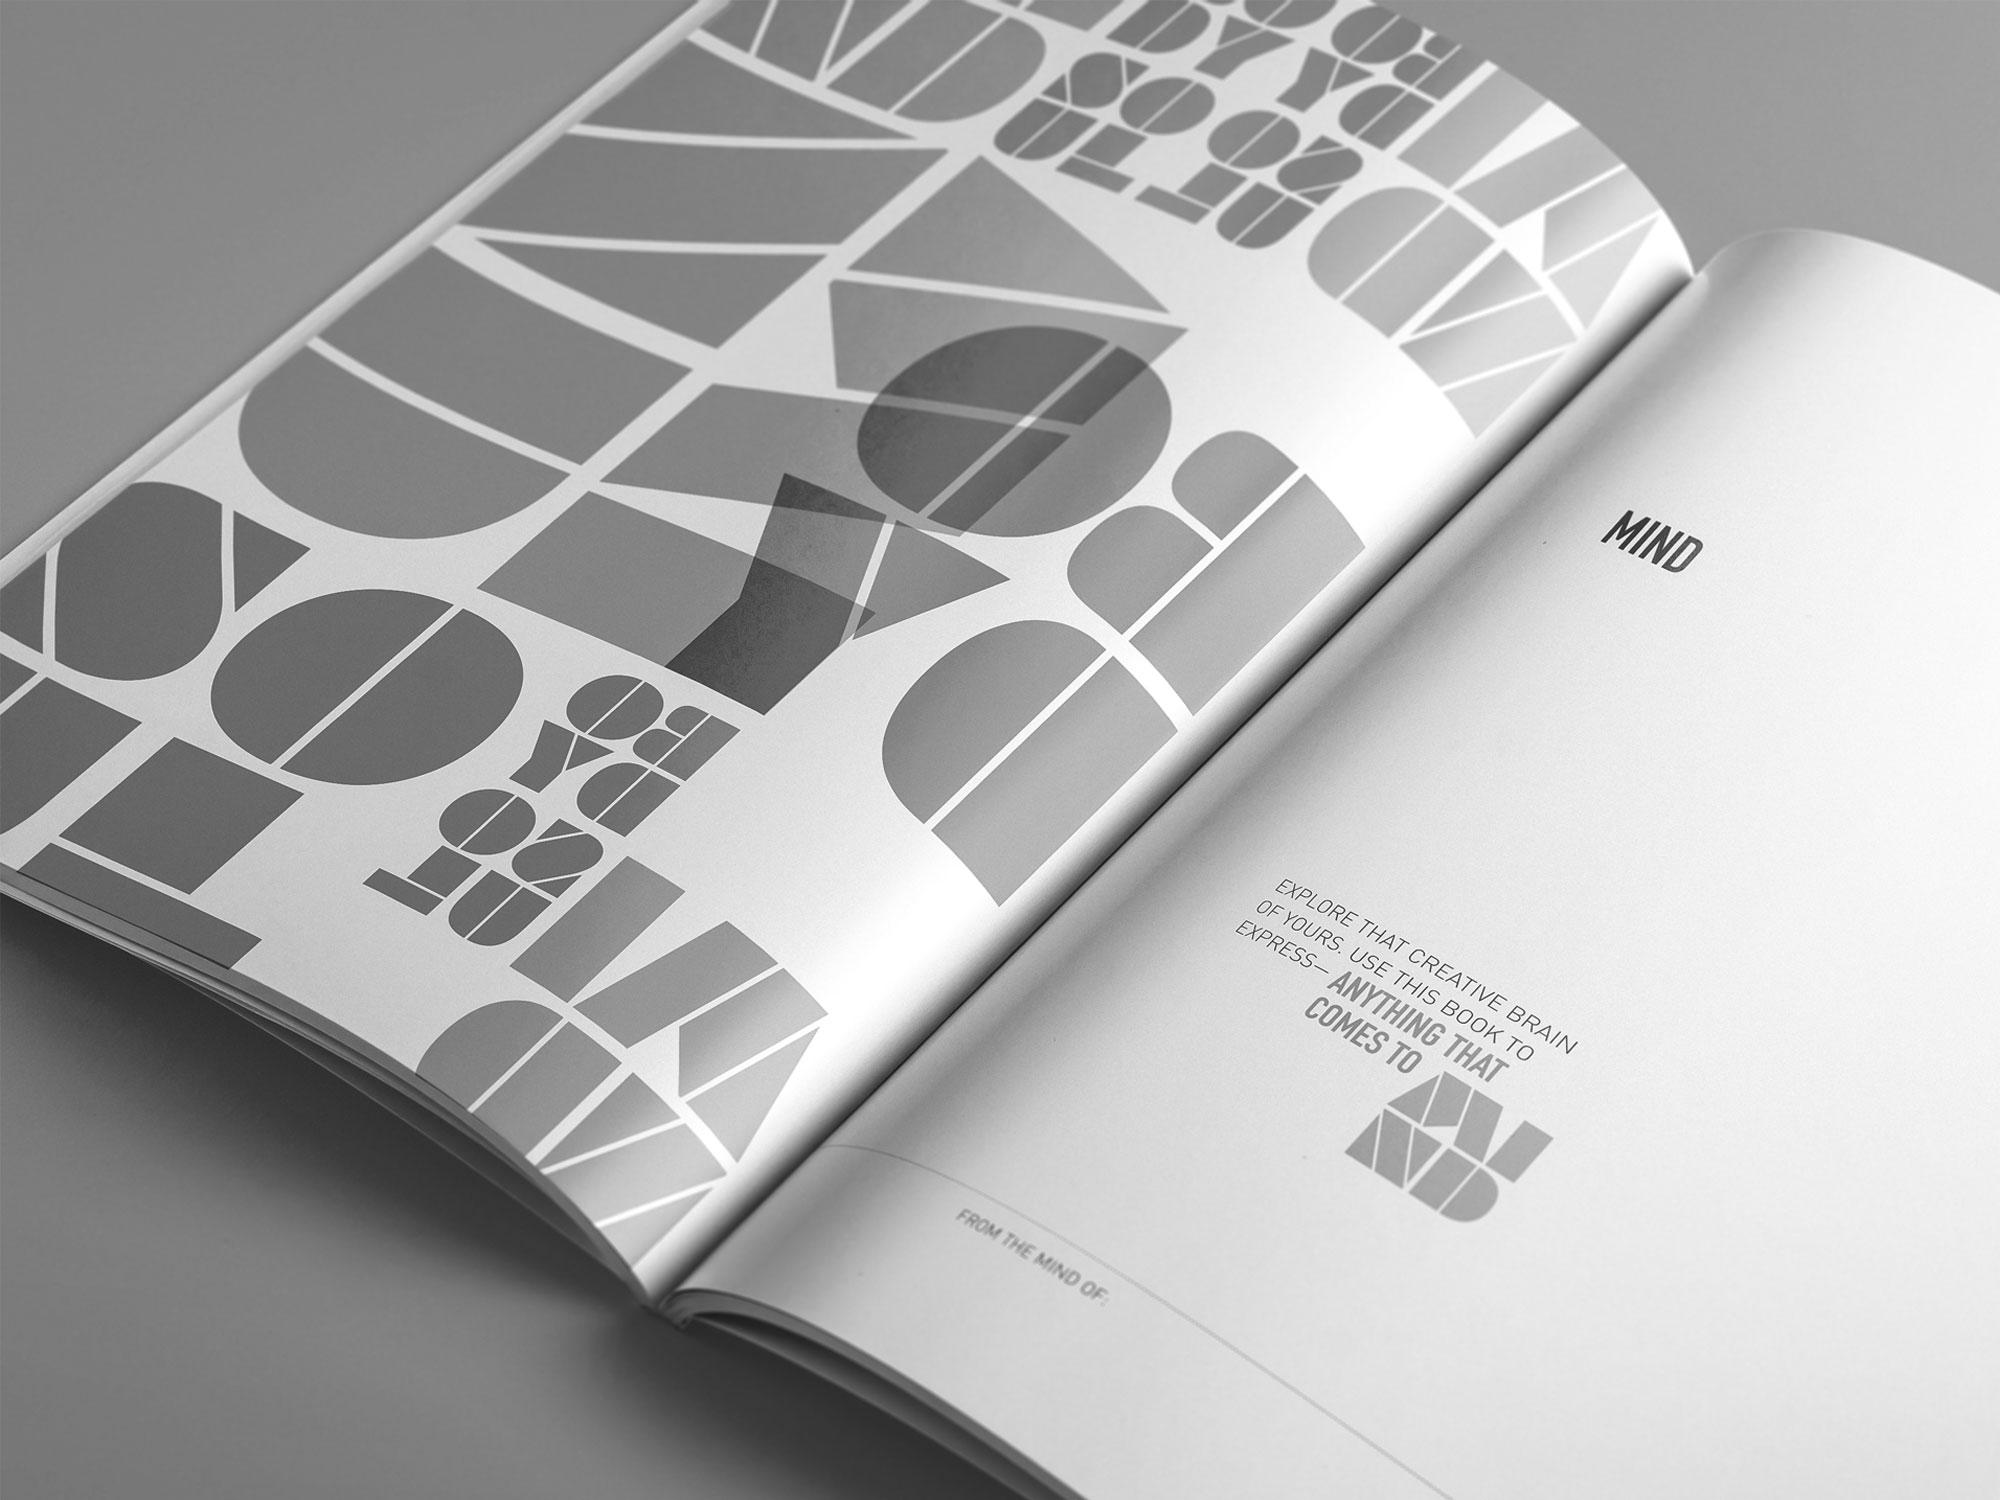 Stoller Design Self-Promos - ⇠ PREVIOUS